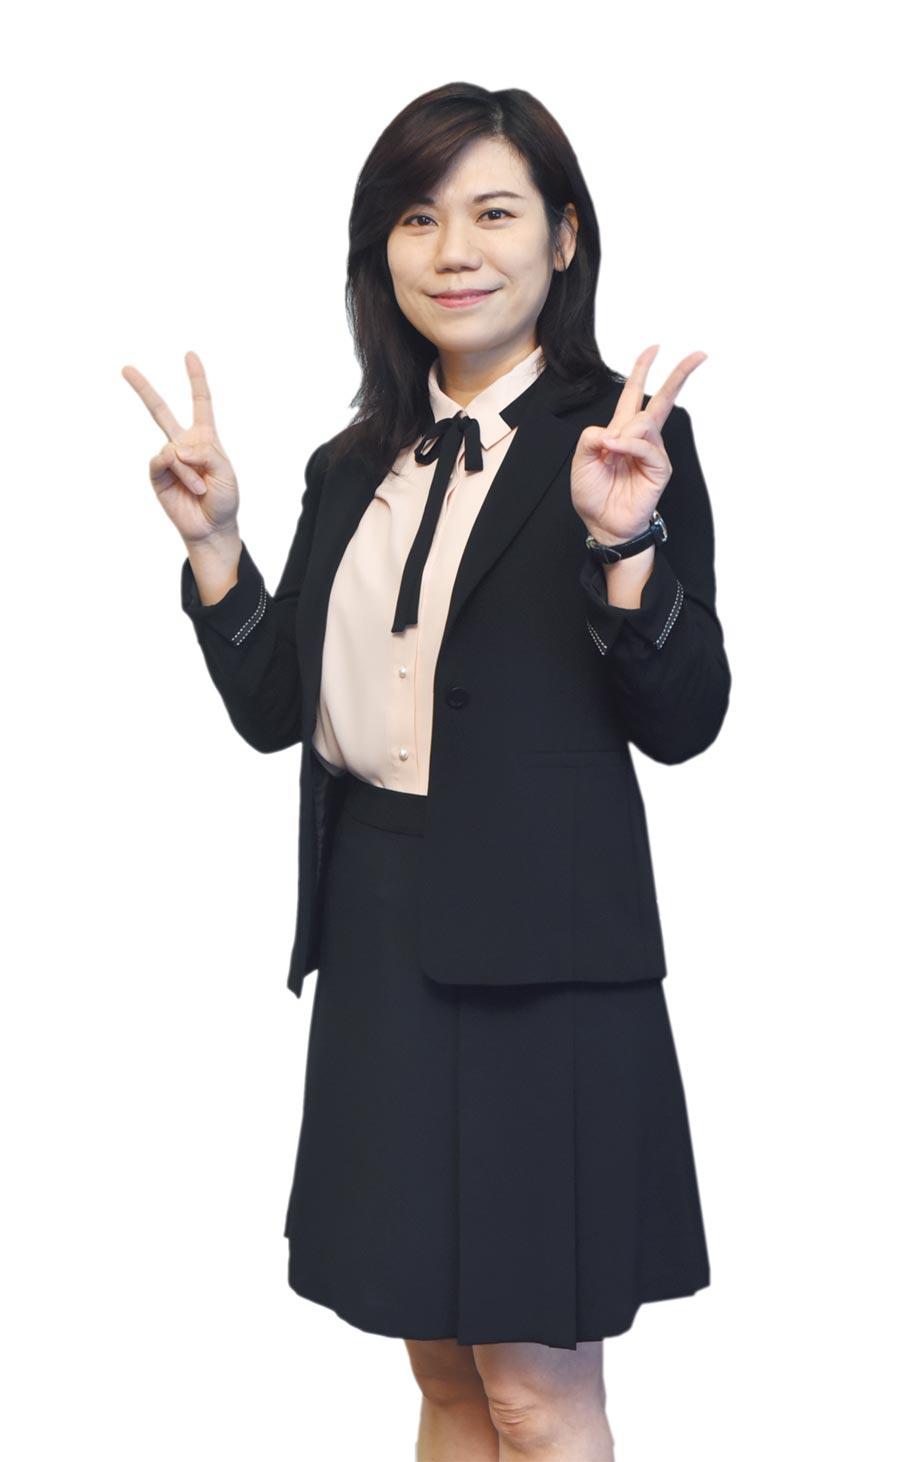 豐銀投顧分析師羅雅渝